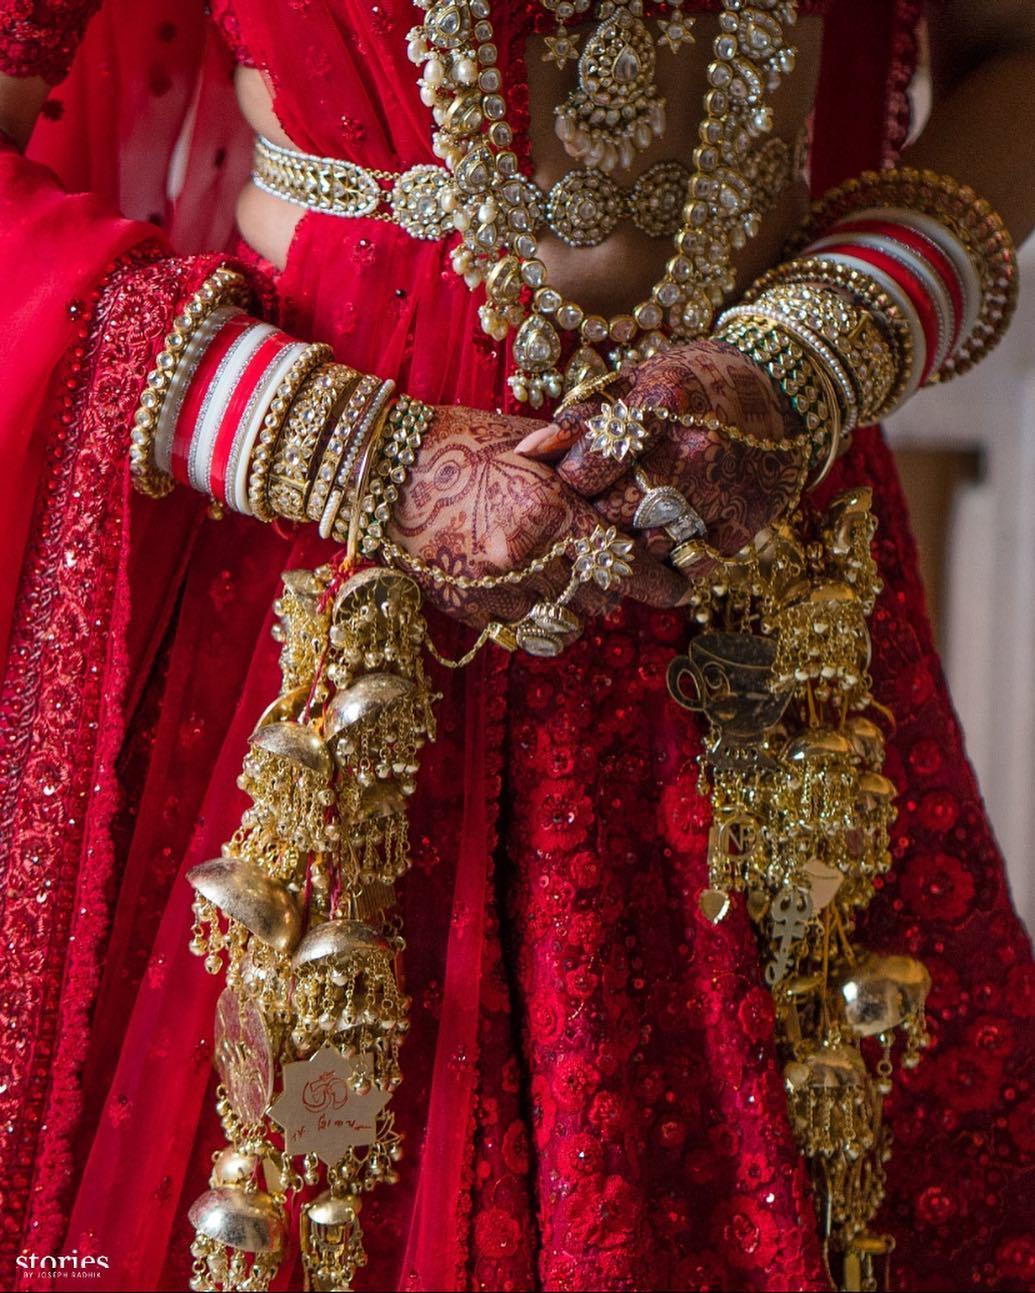 Bollywood Tadka,प्रियंका चोपड़ा इमेज, निक जोनस इमेज,अनदेखी इमेज,